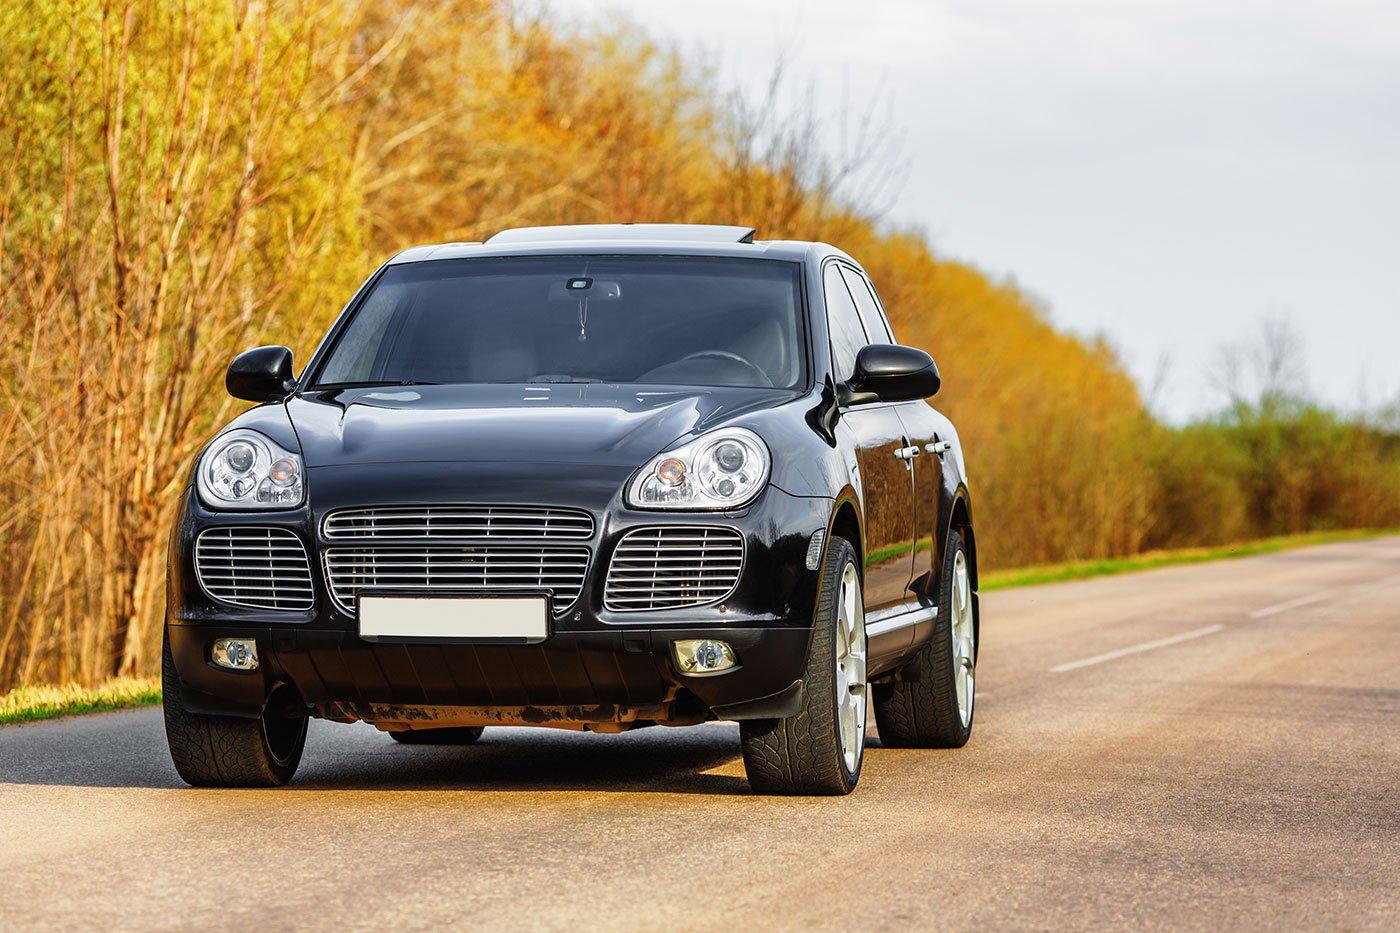 auto di lusso nero in strada